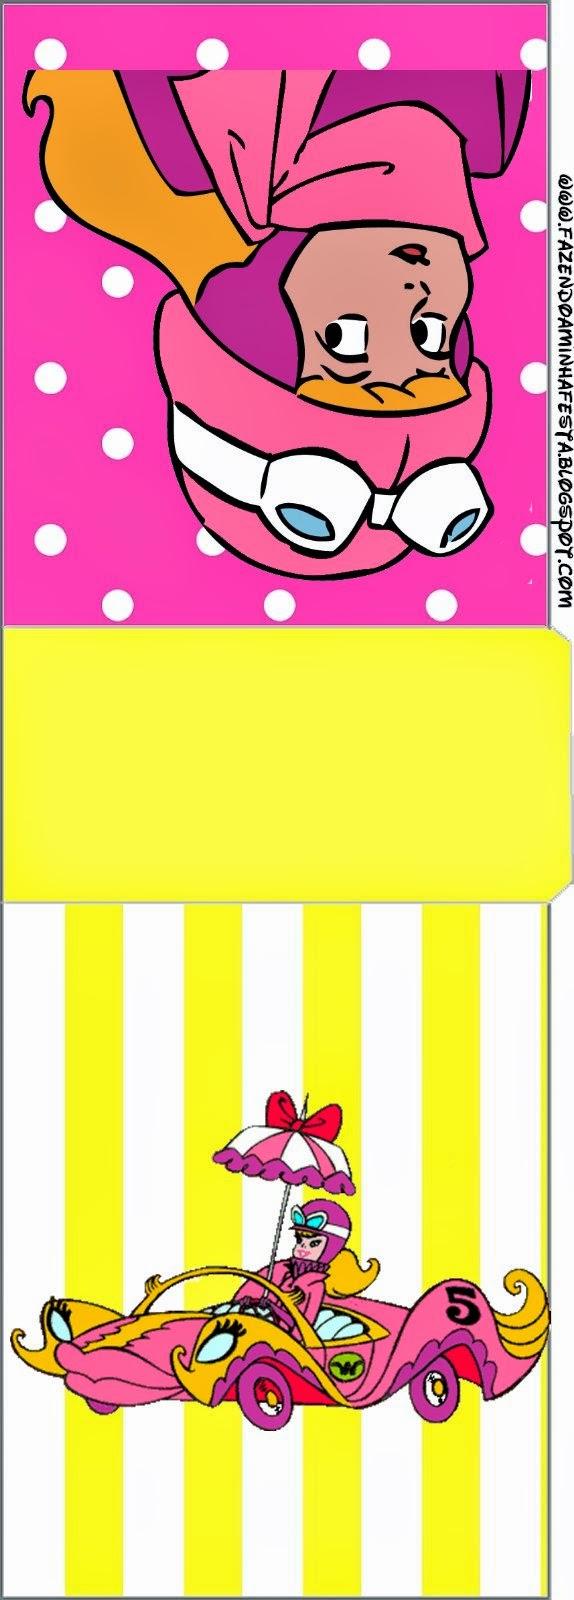 Etiqueta Tic Tac para imprimir gratis de  Penelope Glamour Retro.